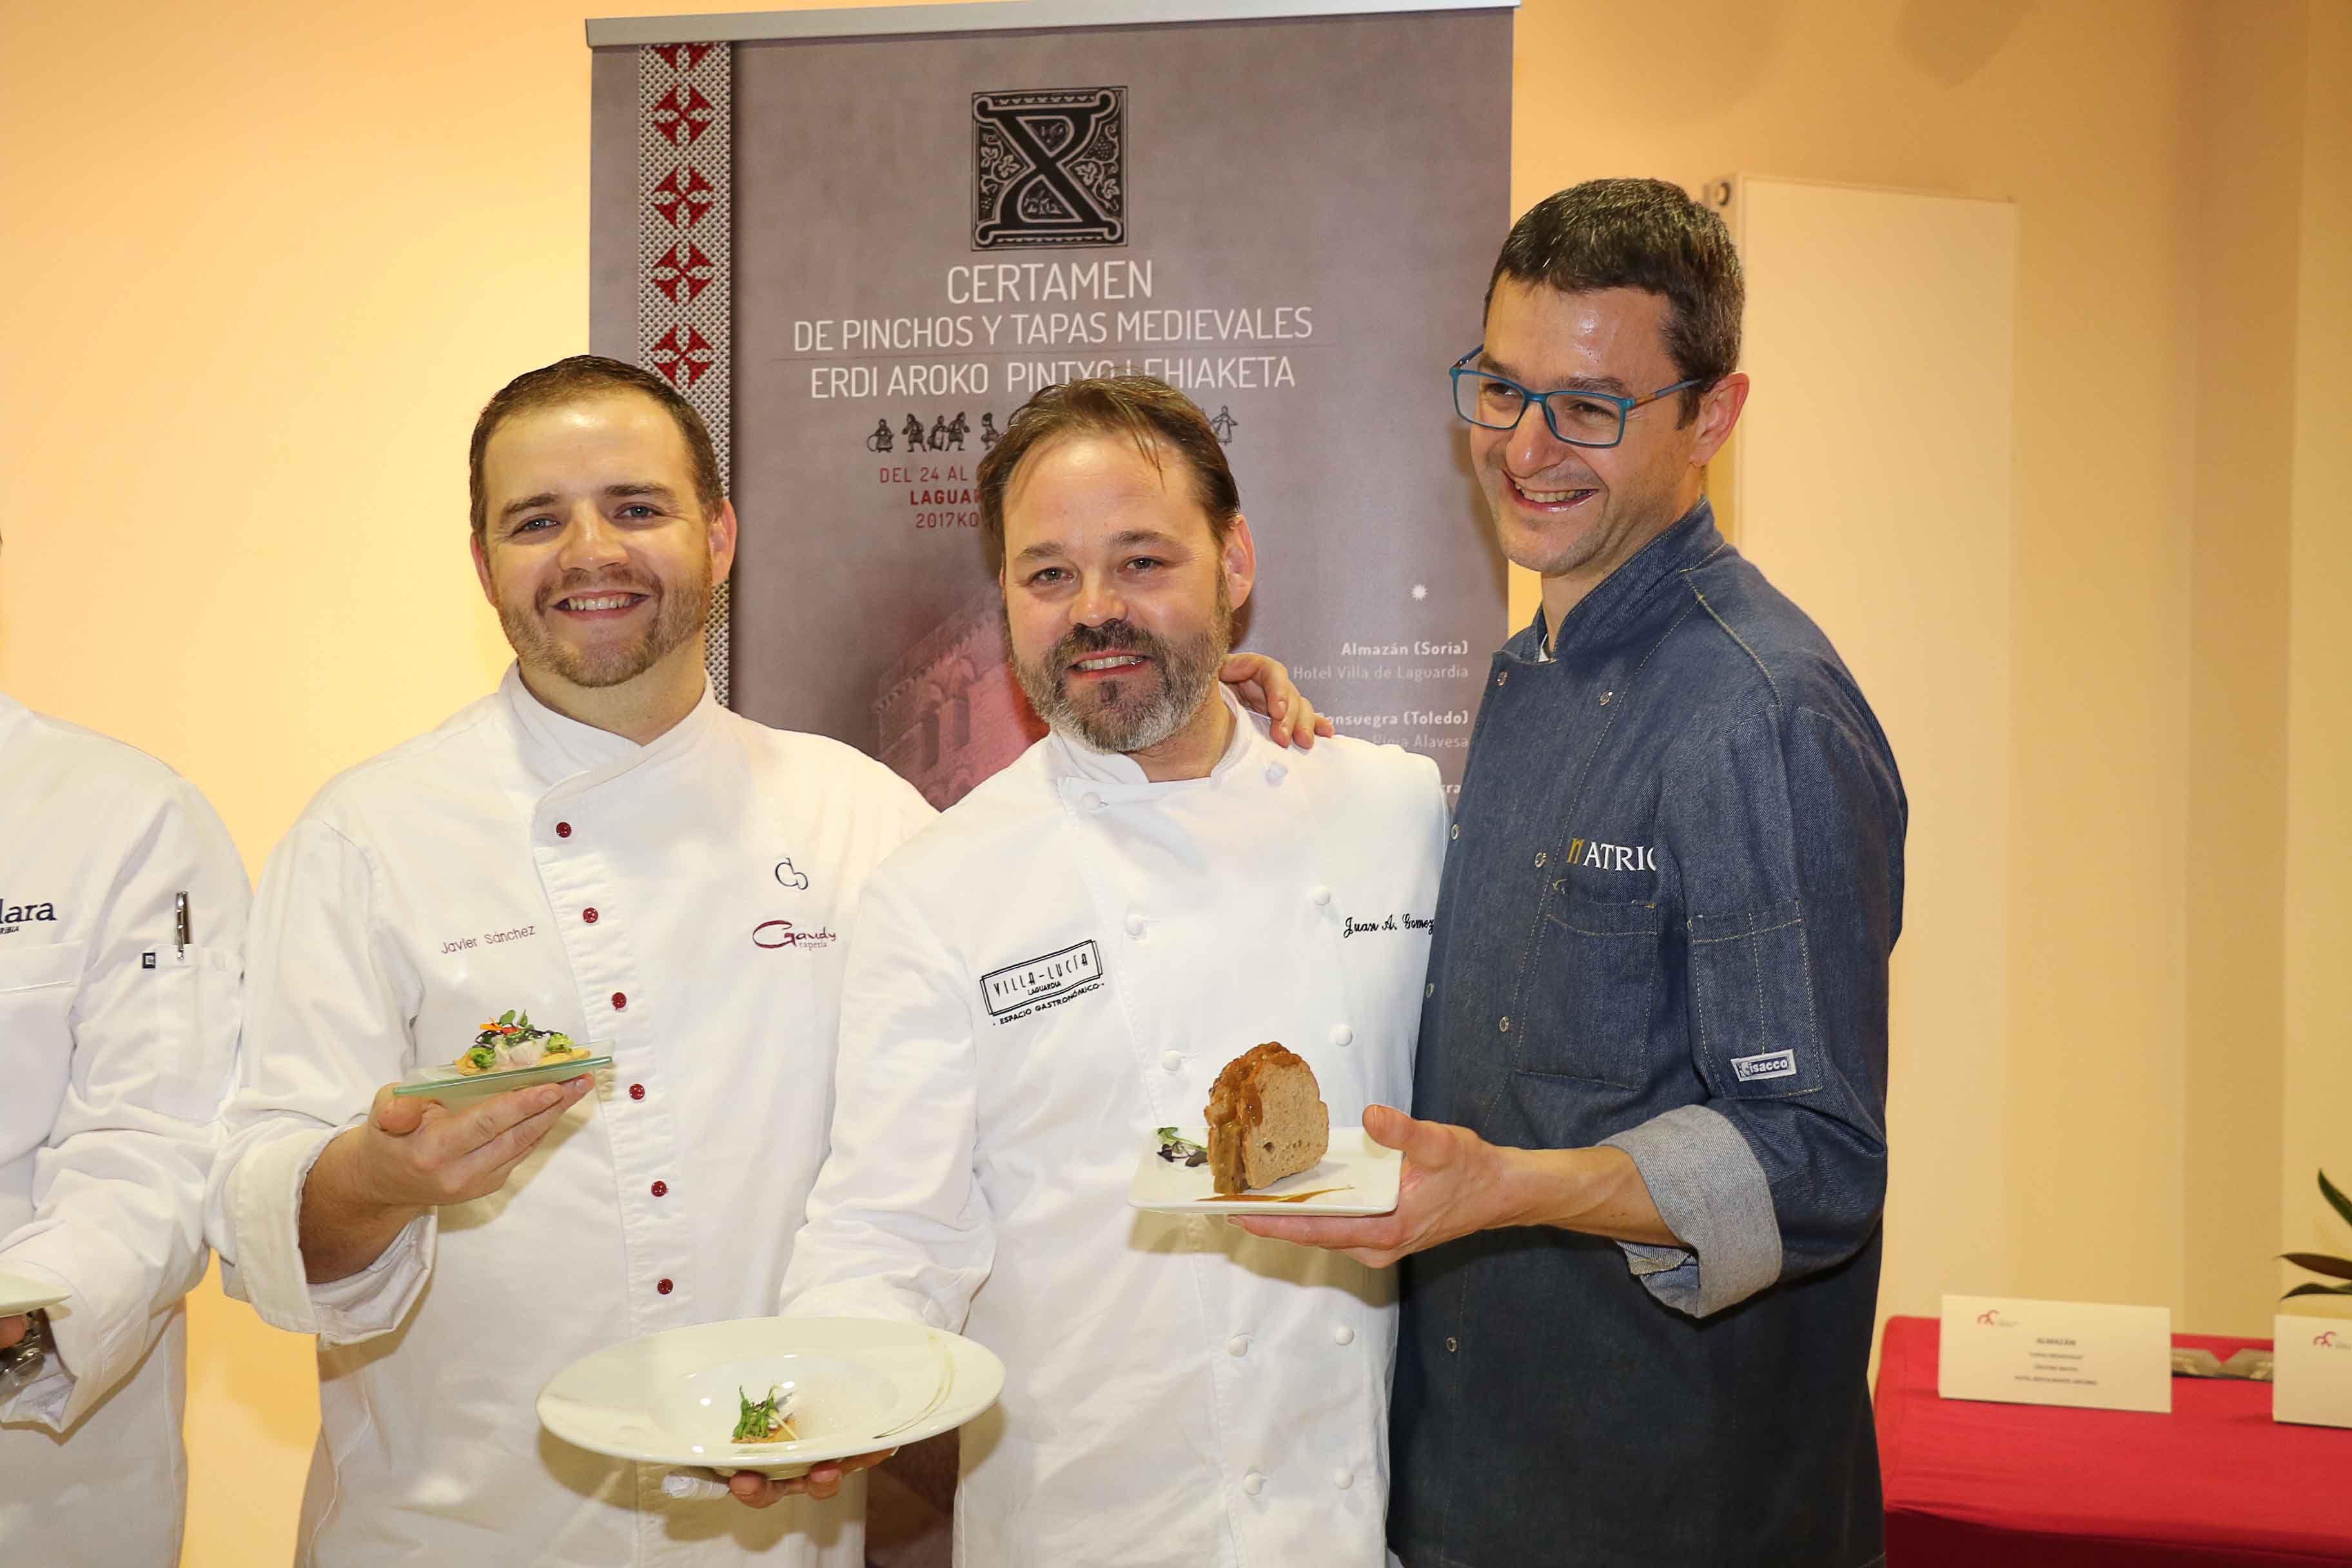 Foto de Javier Sánchez, a la izquierda, con otros cocineros en